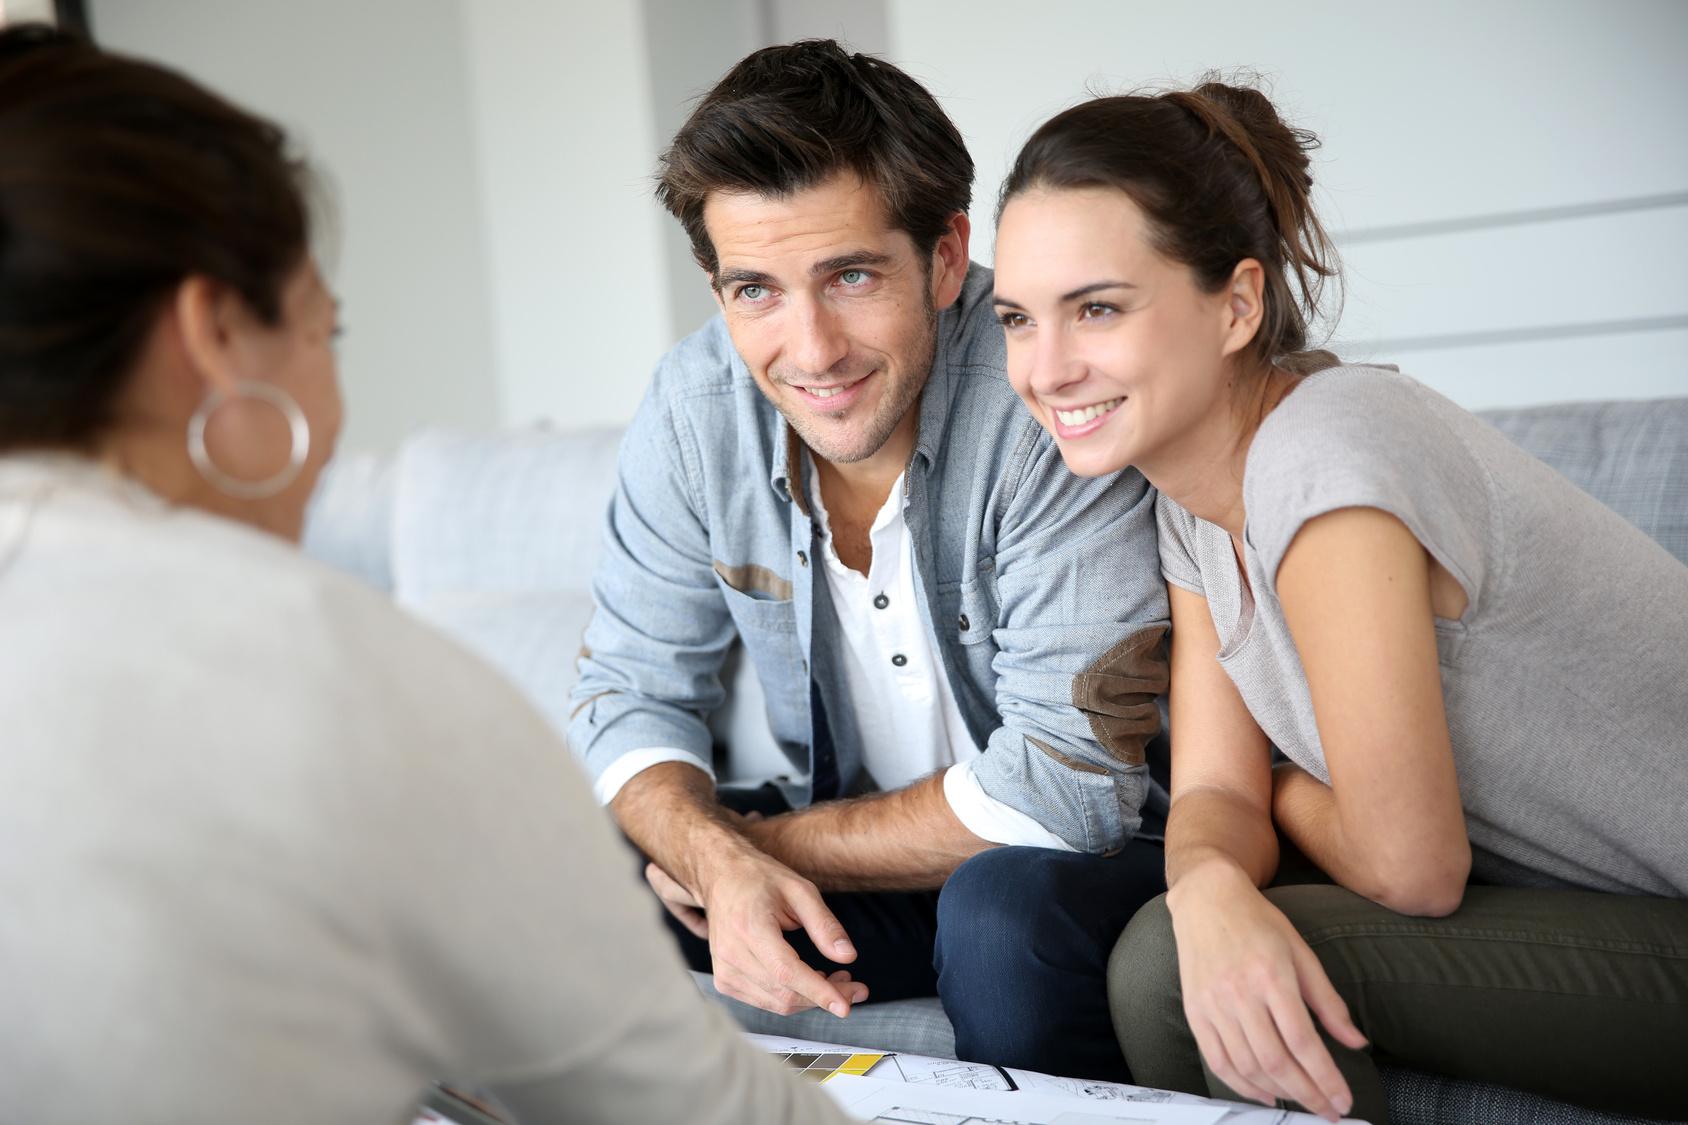 Ein Elternpaar ist glücklich neue Intrumente zur wertschätzenden Kommunikation mit Kindern vom Coach zu bekommen.